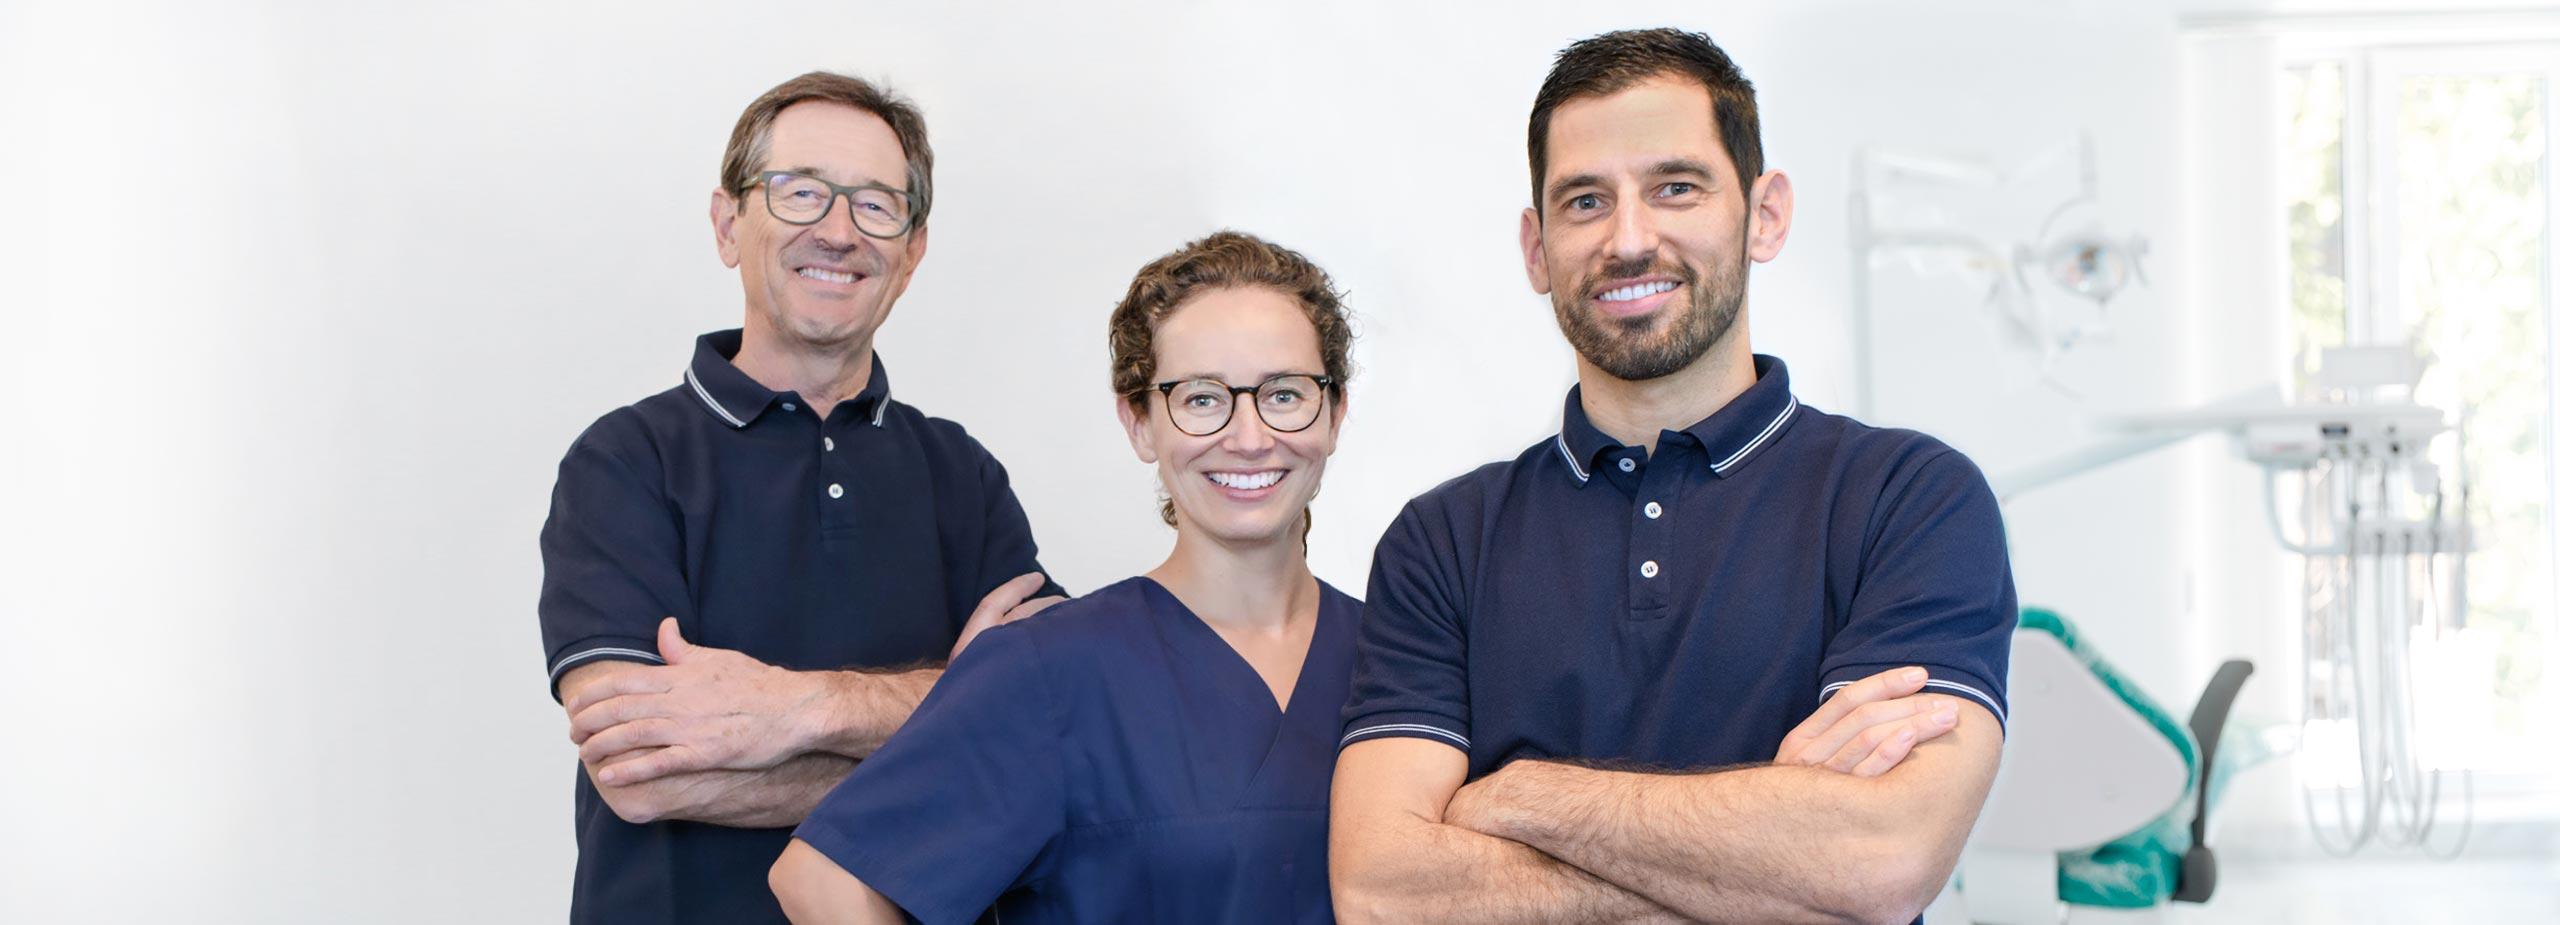 dr schirmer zahnarzt schifferstadt startseite header - Praxis Dres. Schirmer - Zahnärzte Schifferstadt